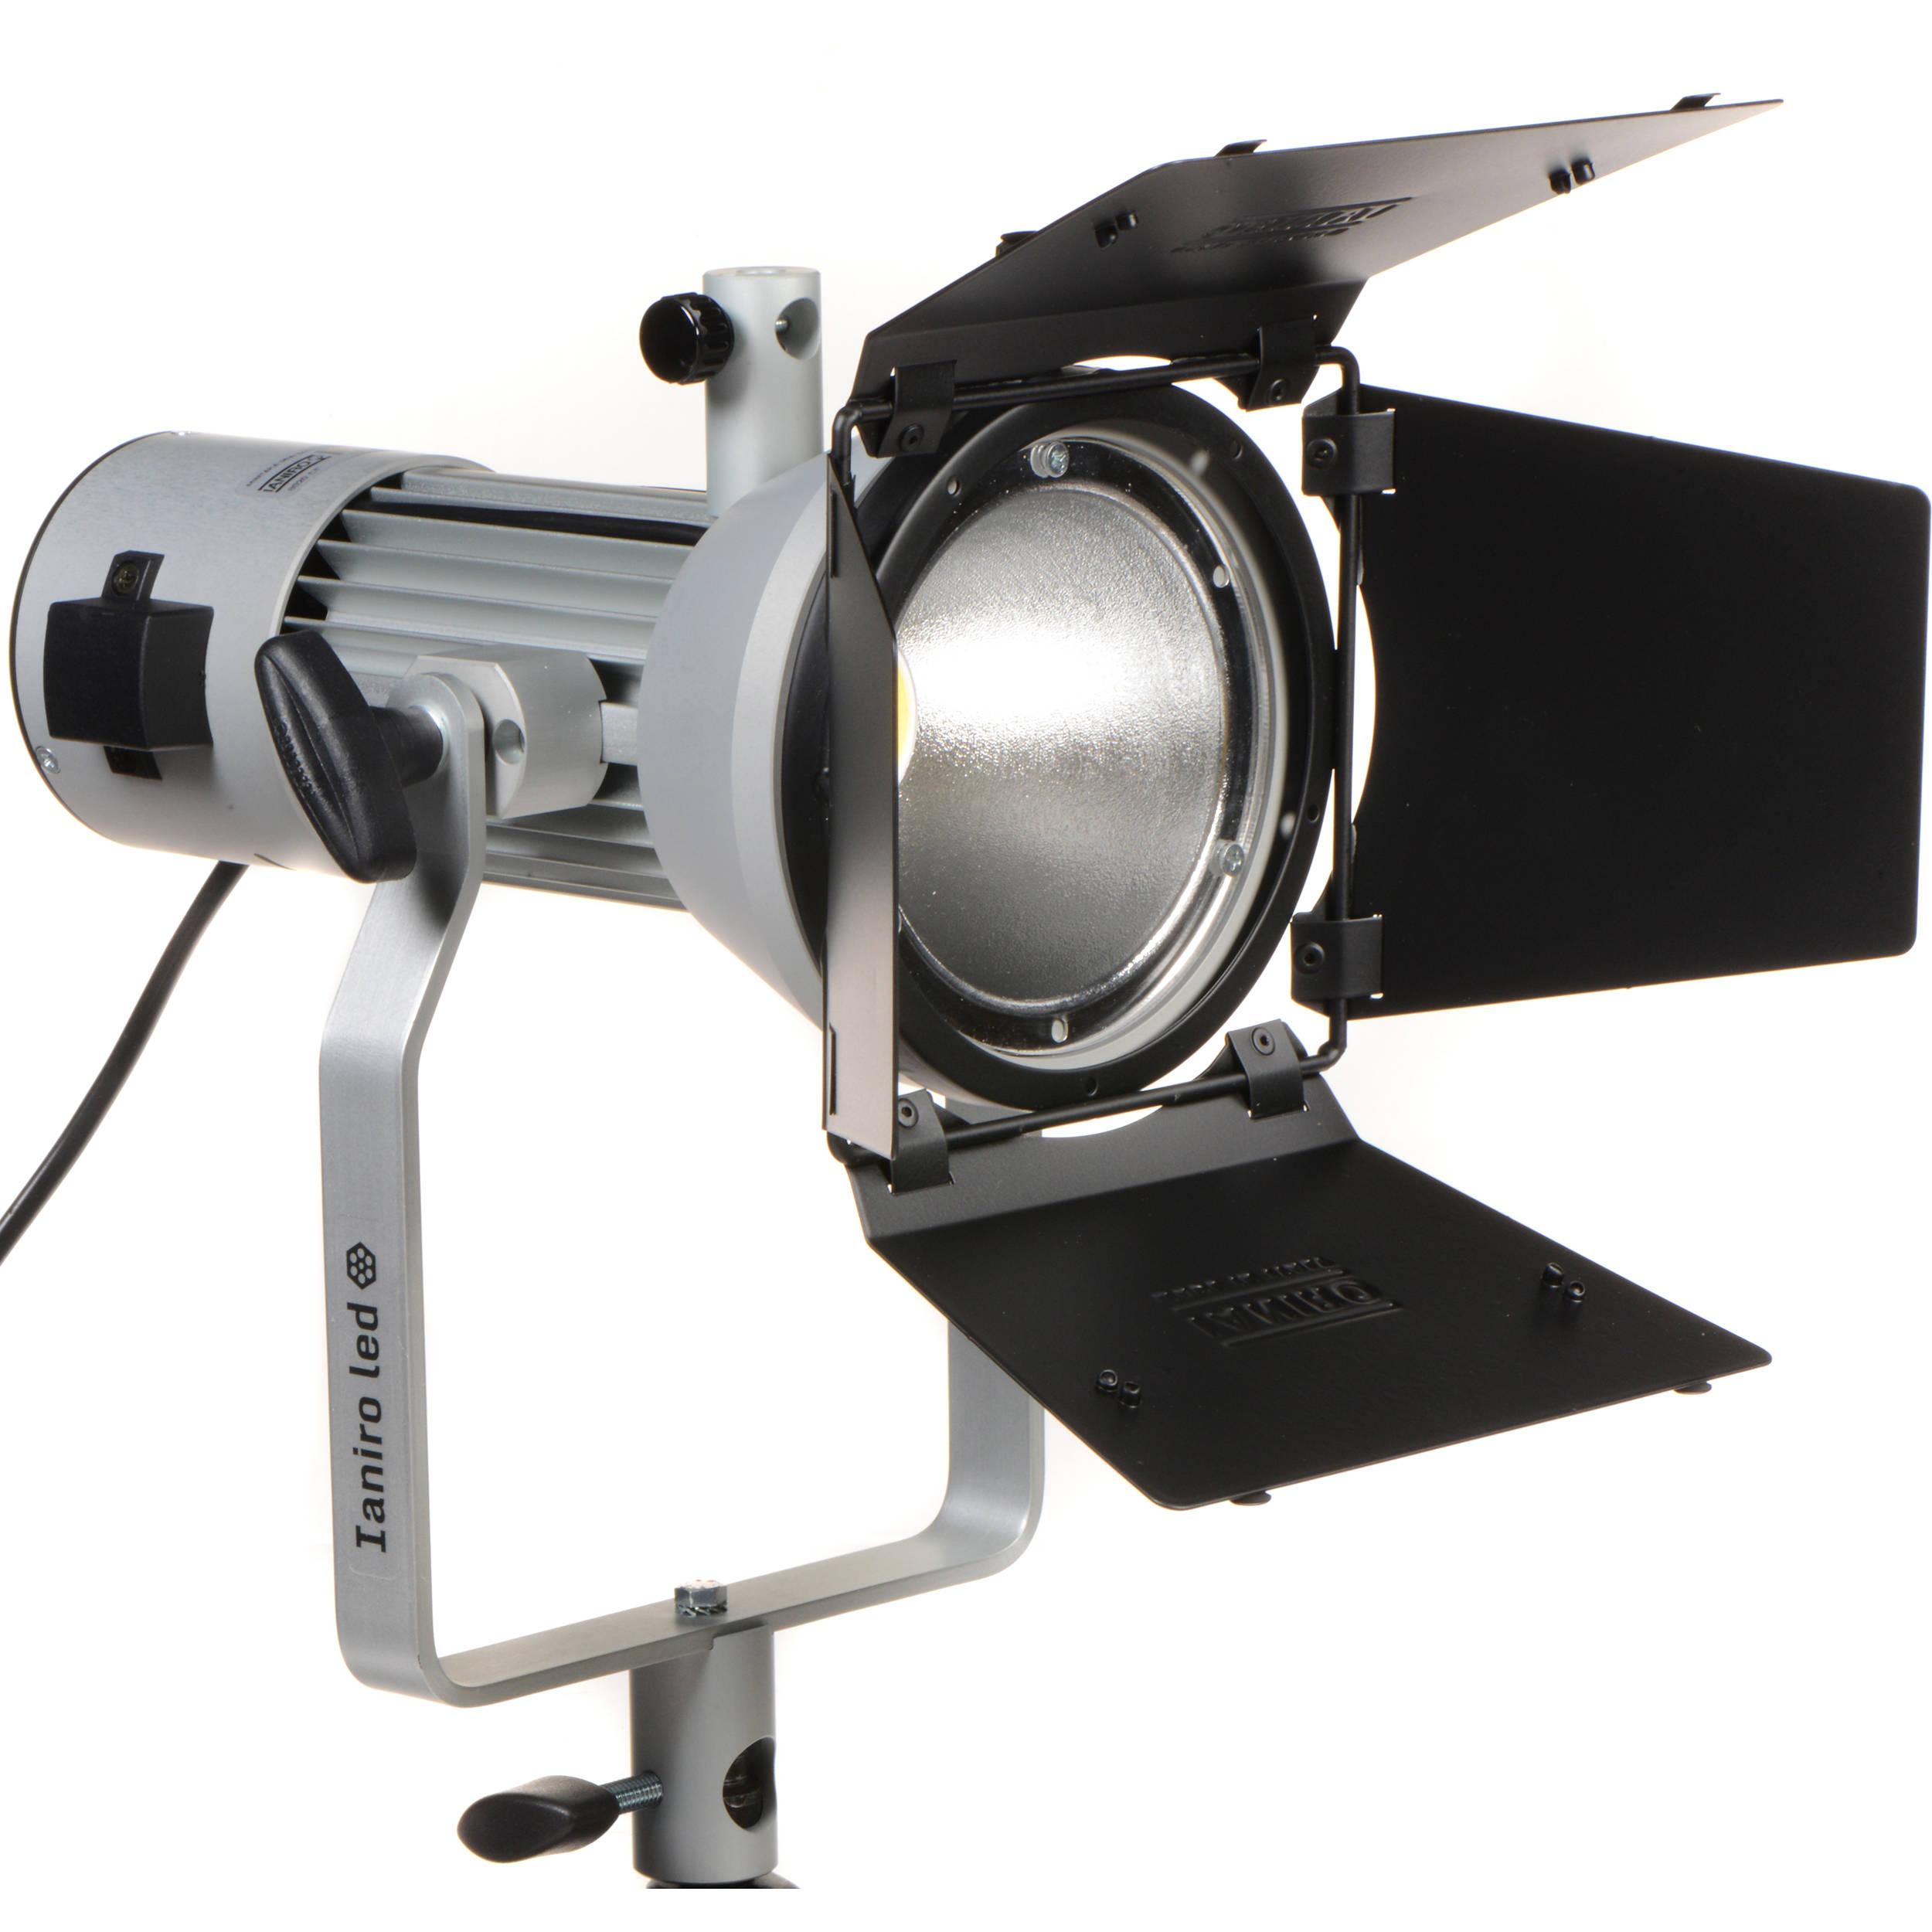 Ianiro Mintaka 8020 Hc Maxi Daylight Dmx Led Light